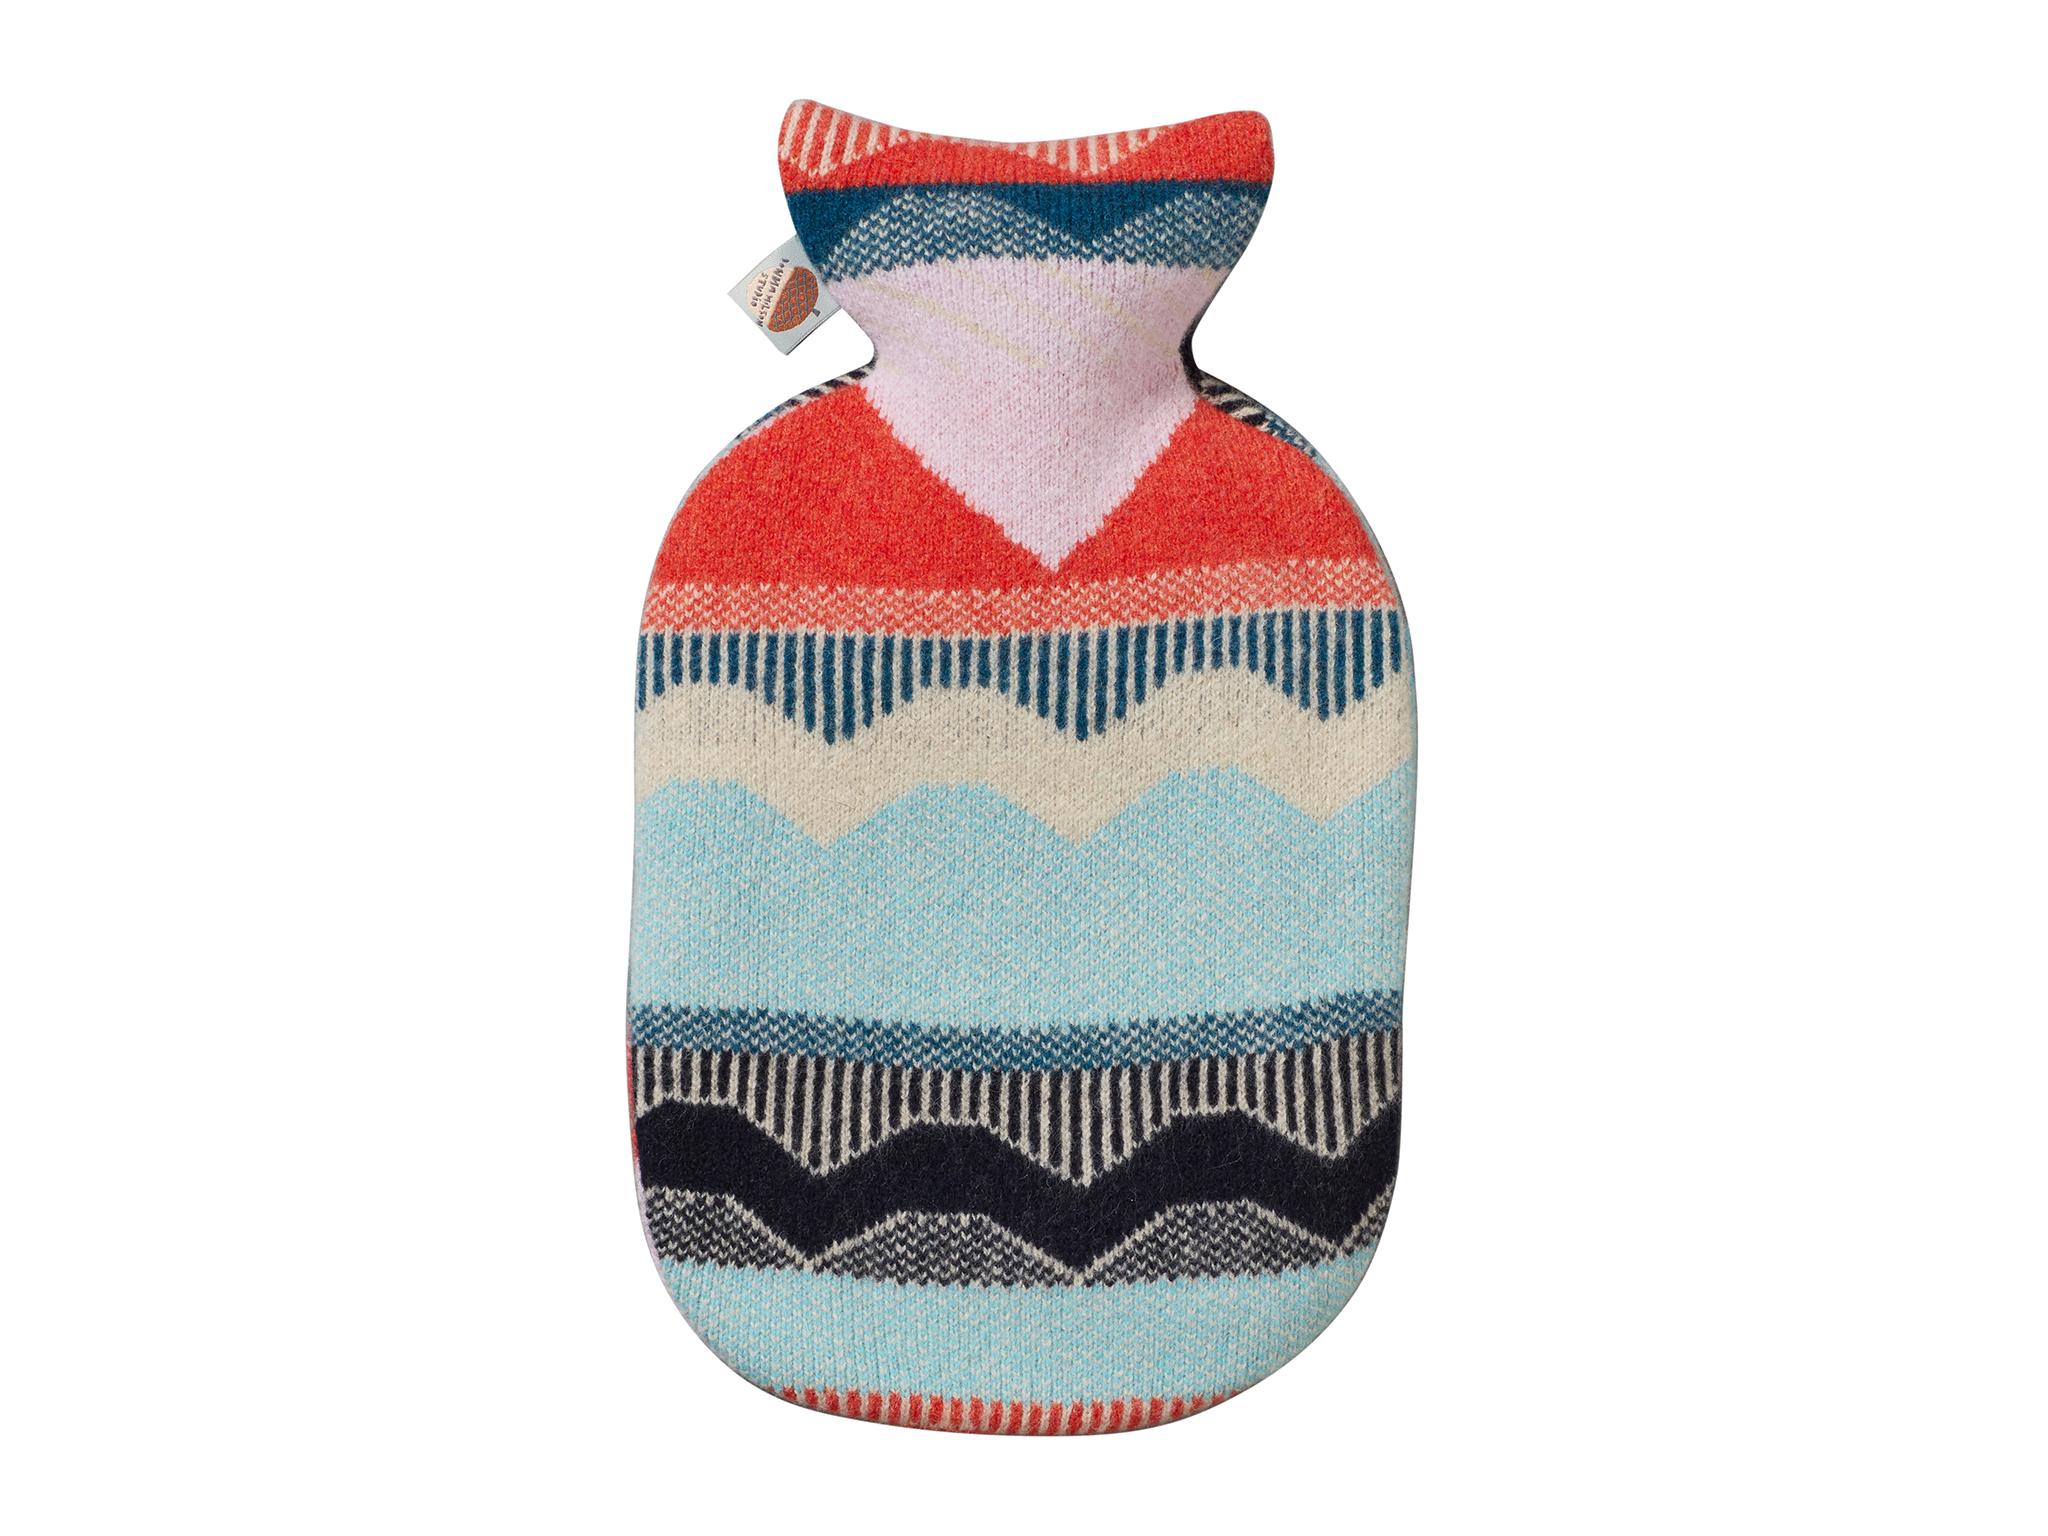 Donna Wilson hot water bottle